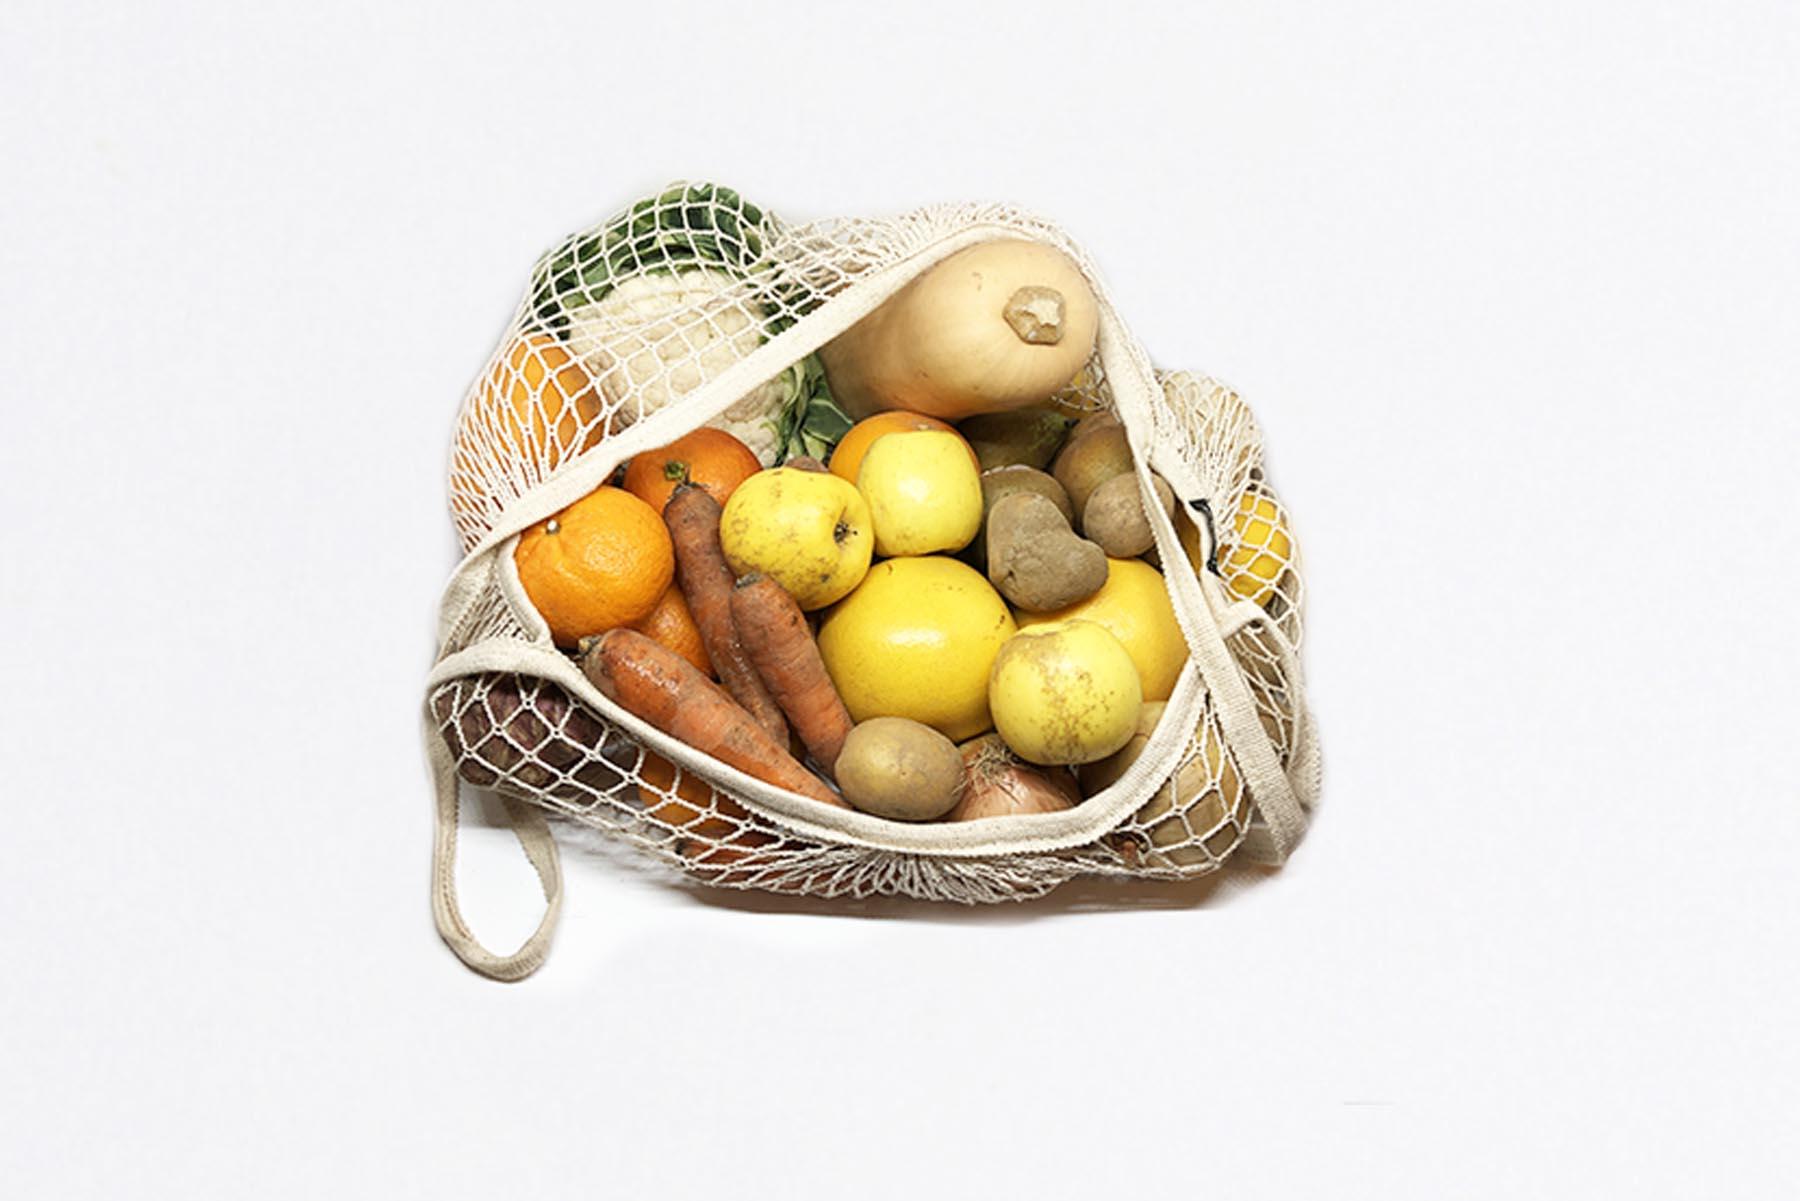 Grand panier de fruits et légumes